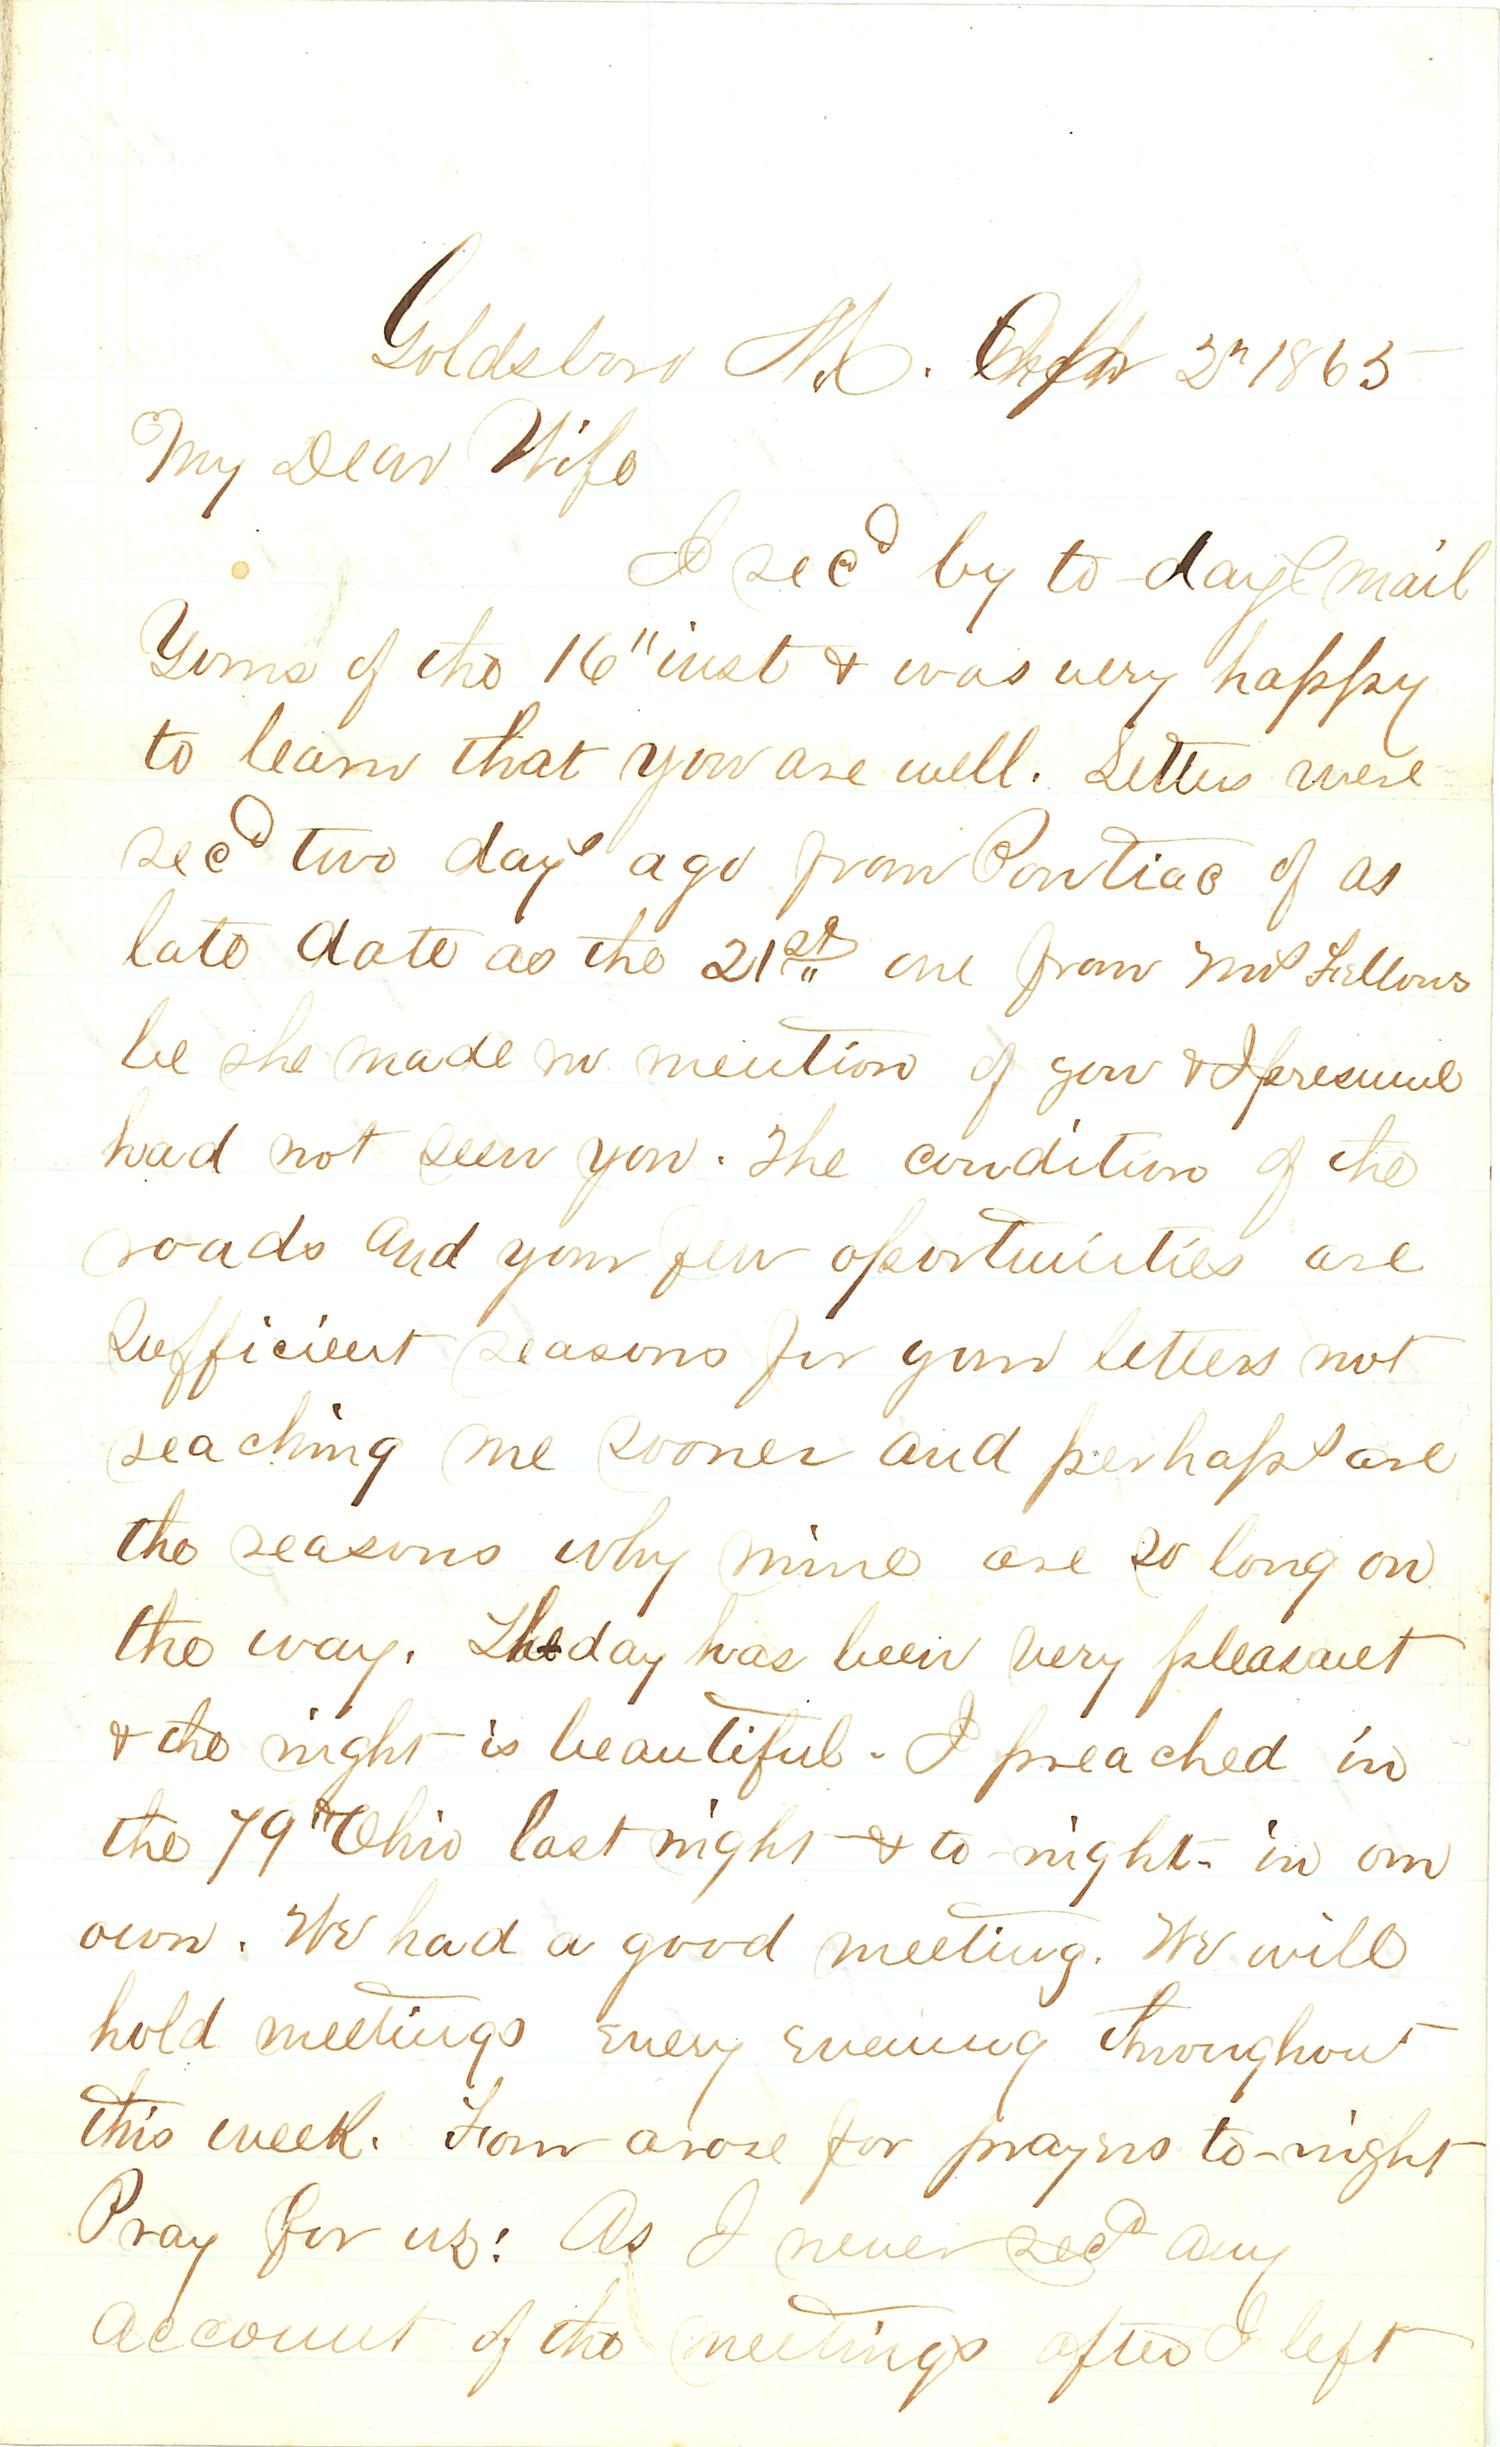 Joseph Culver Letter, April 2, 1865, Page 1